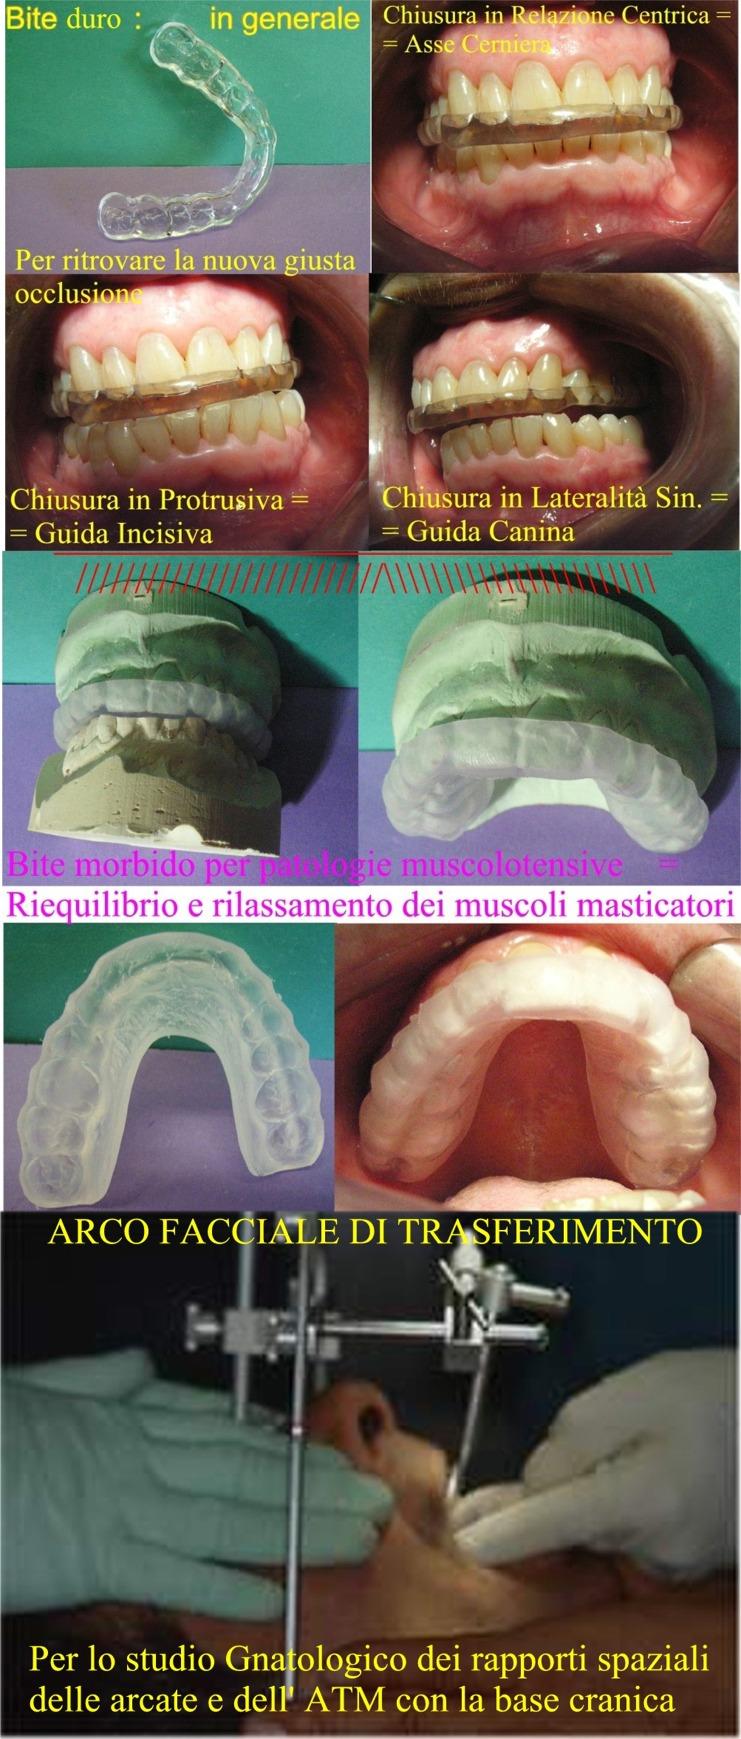 Diversi tipi di bite e arco facciale di trasferimento per diagnosi Gnatologica seria. Da casistica clinica del Dr. Gustavo Petti Parodontologo Gnatologo di Cagliari